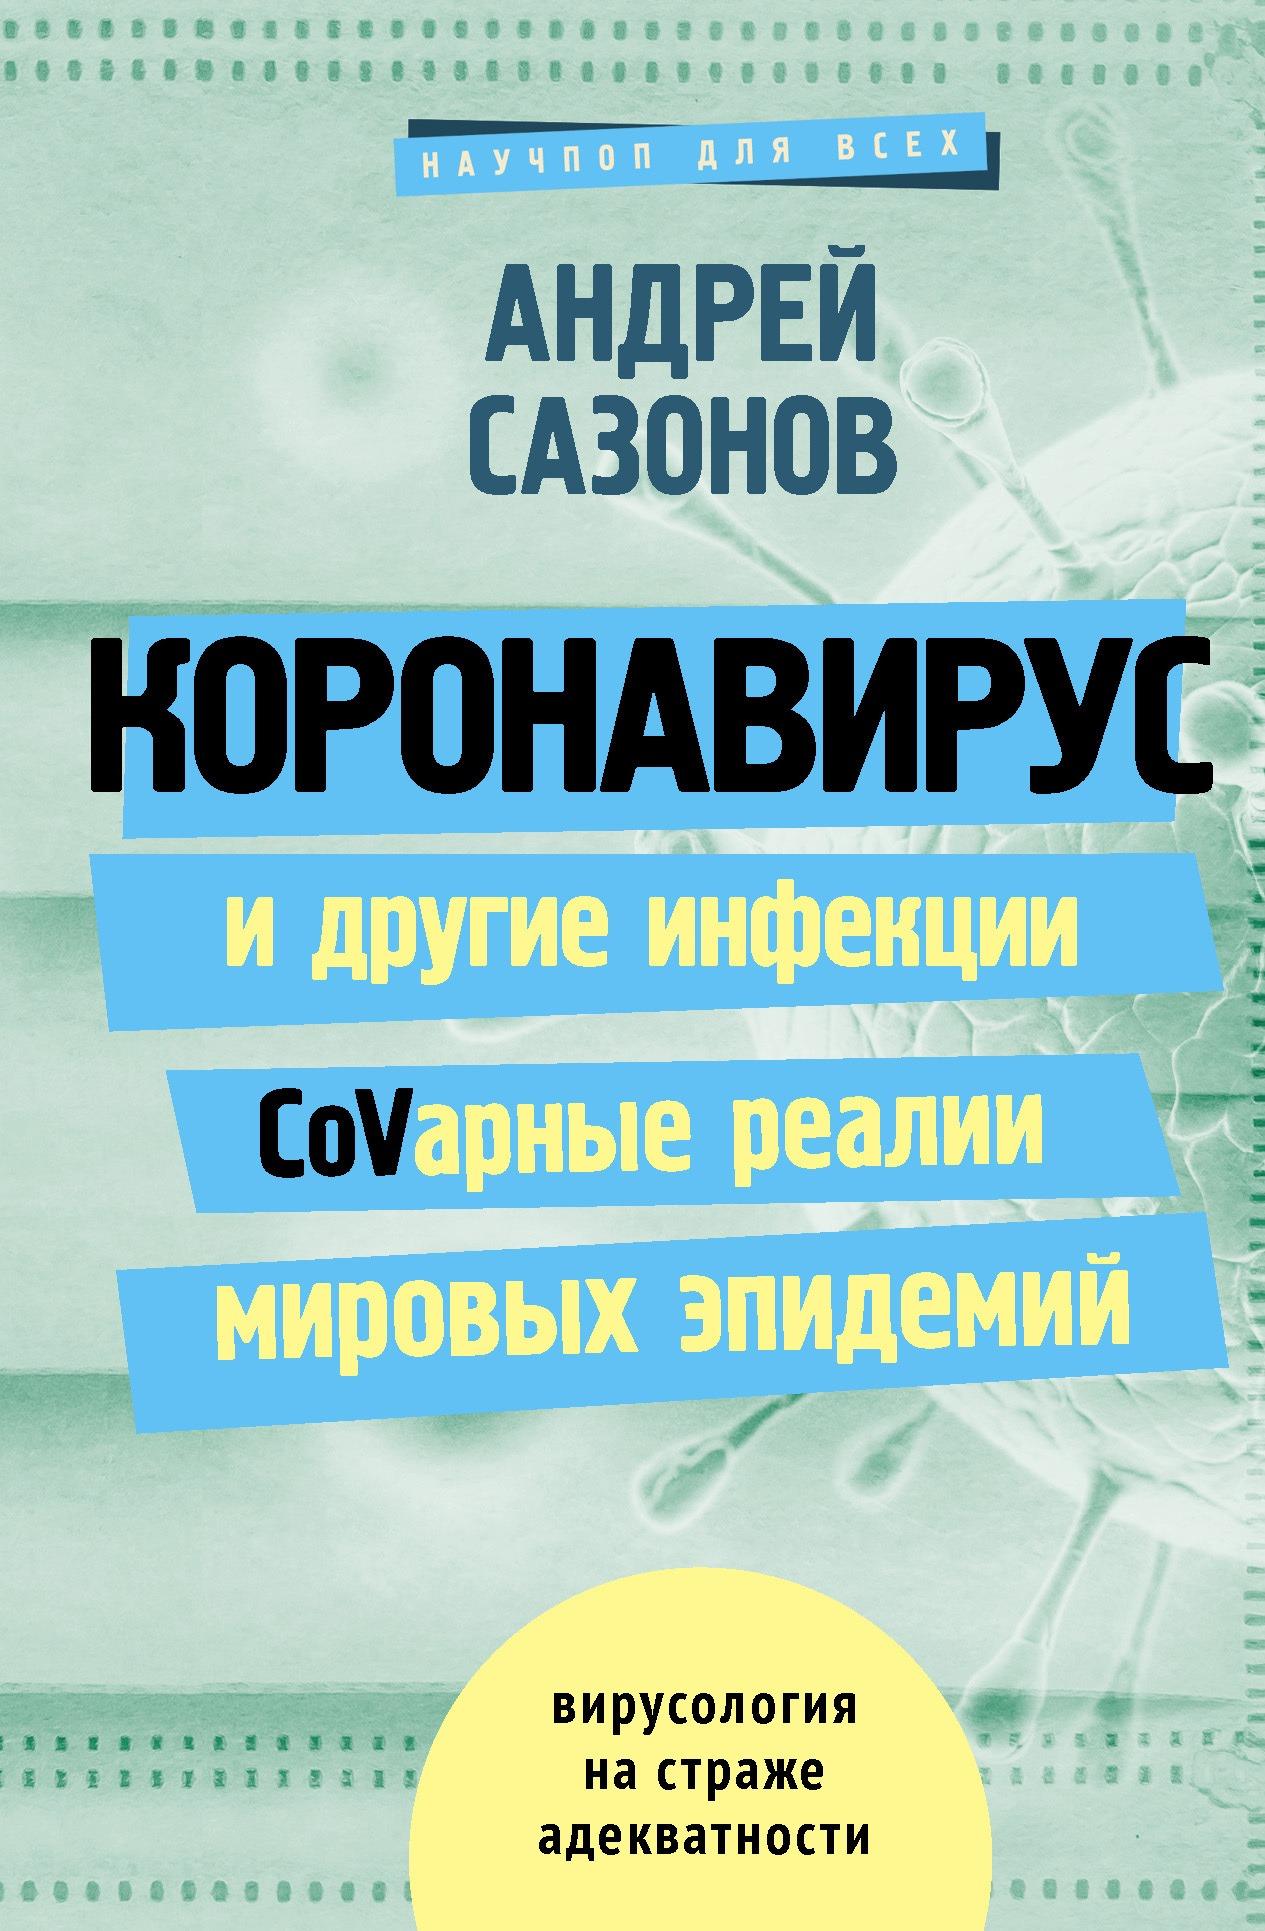 Скачать бесплатно Коронавирус и другие инфекции